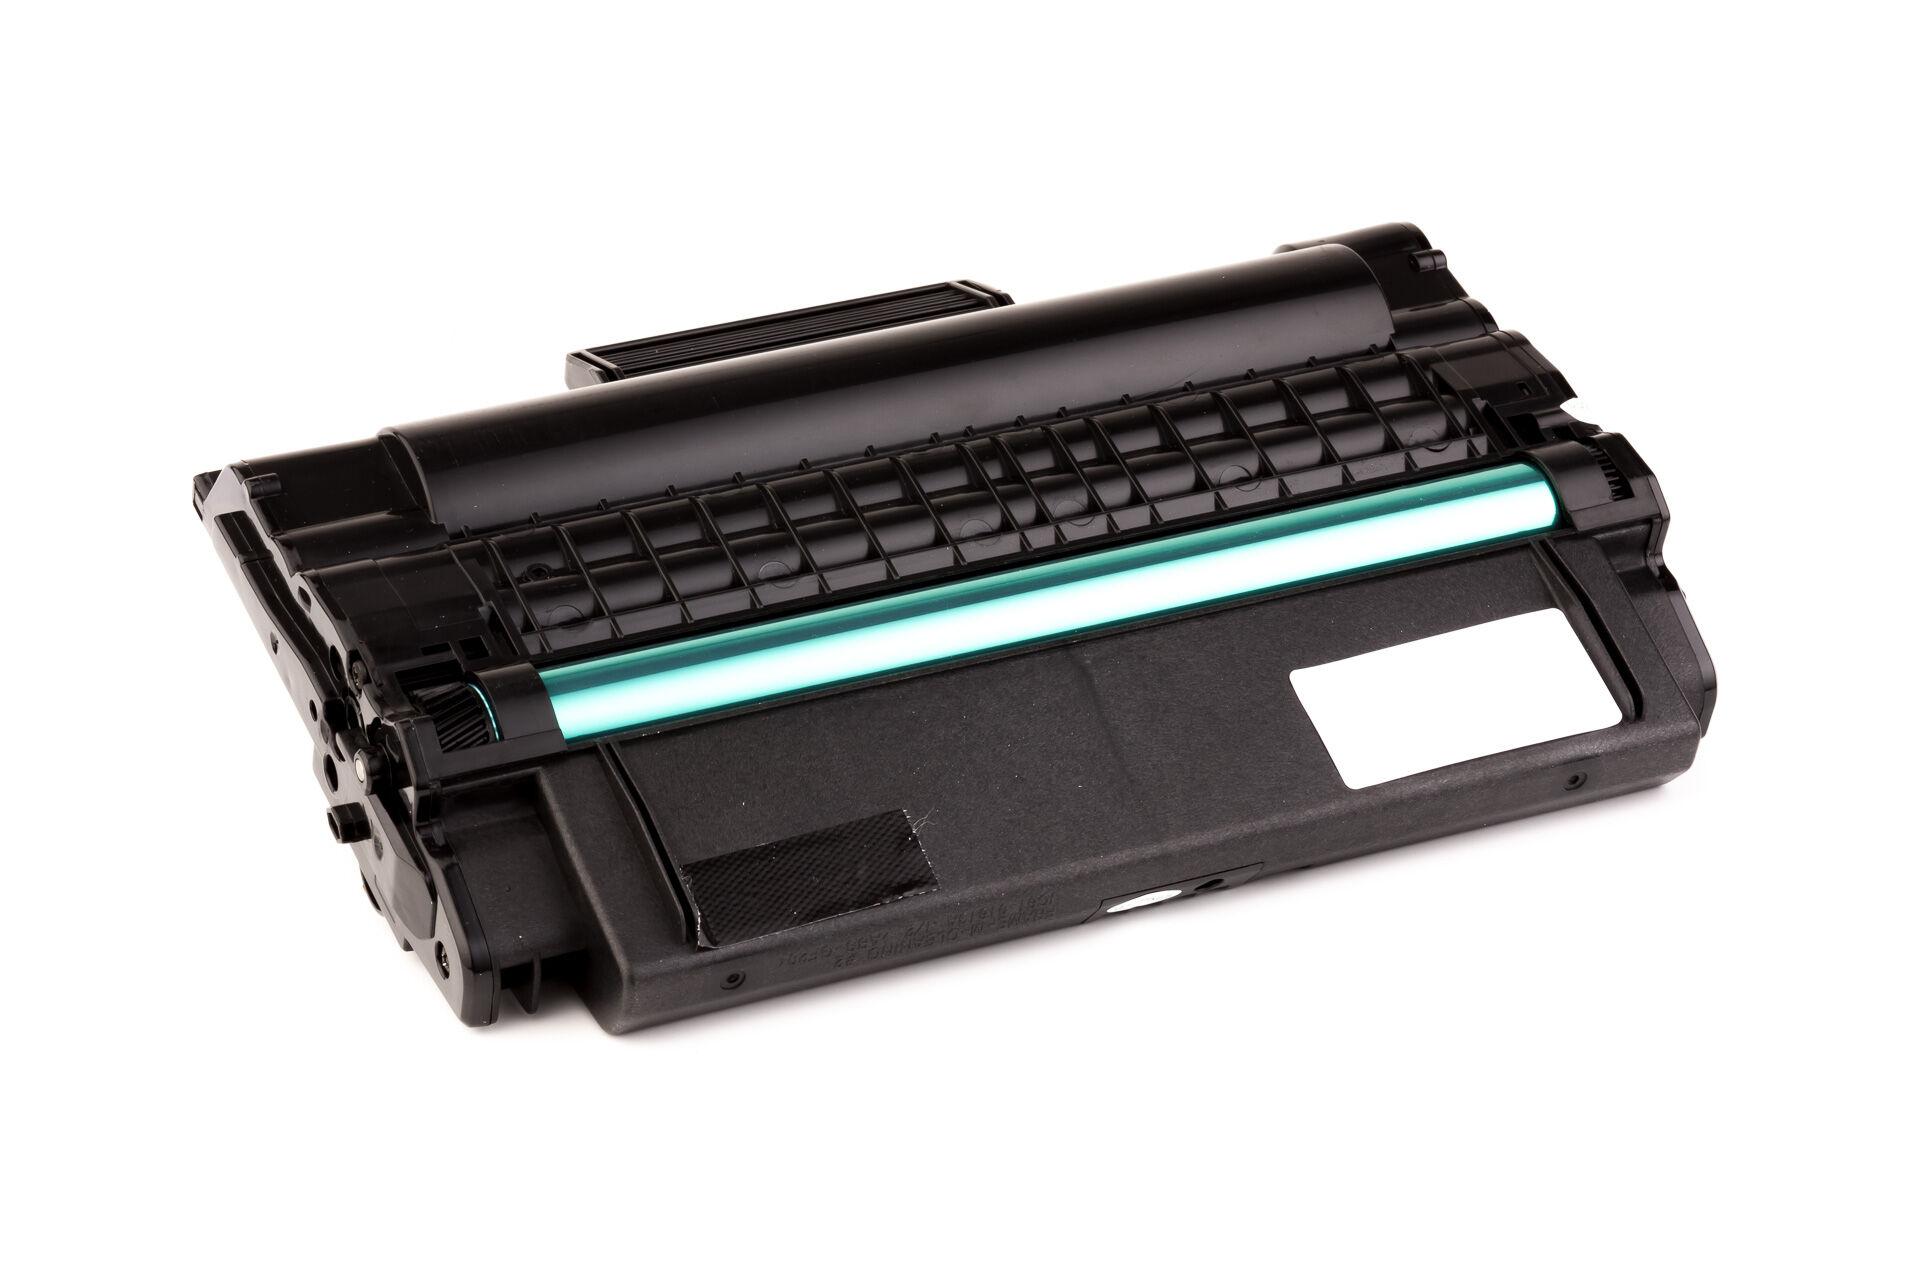 Dell Cartouche de Toner pour Dell 59310153 / RF223 noir compatible (de marque ASC)